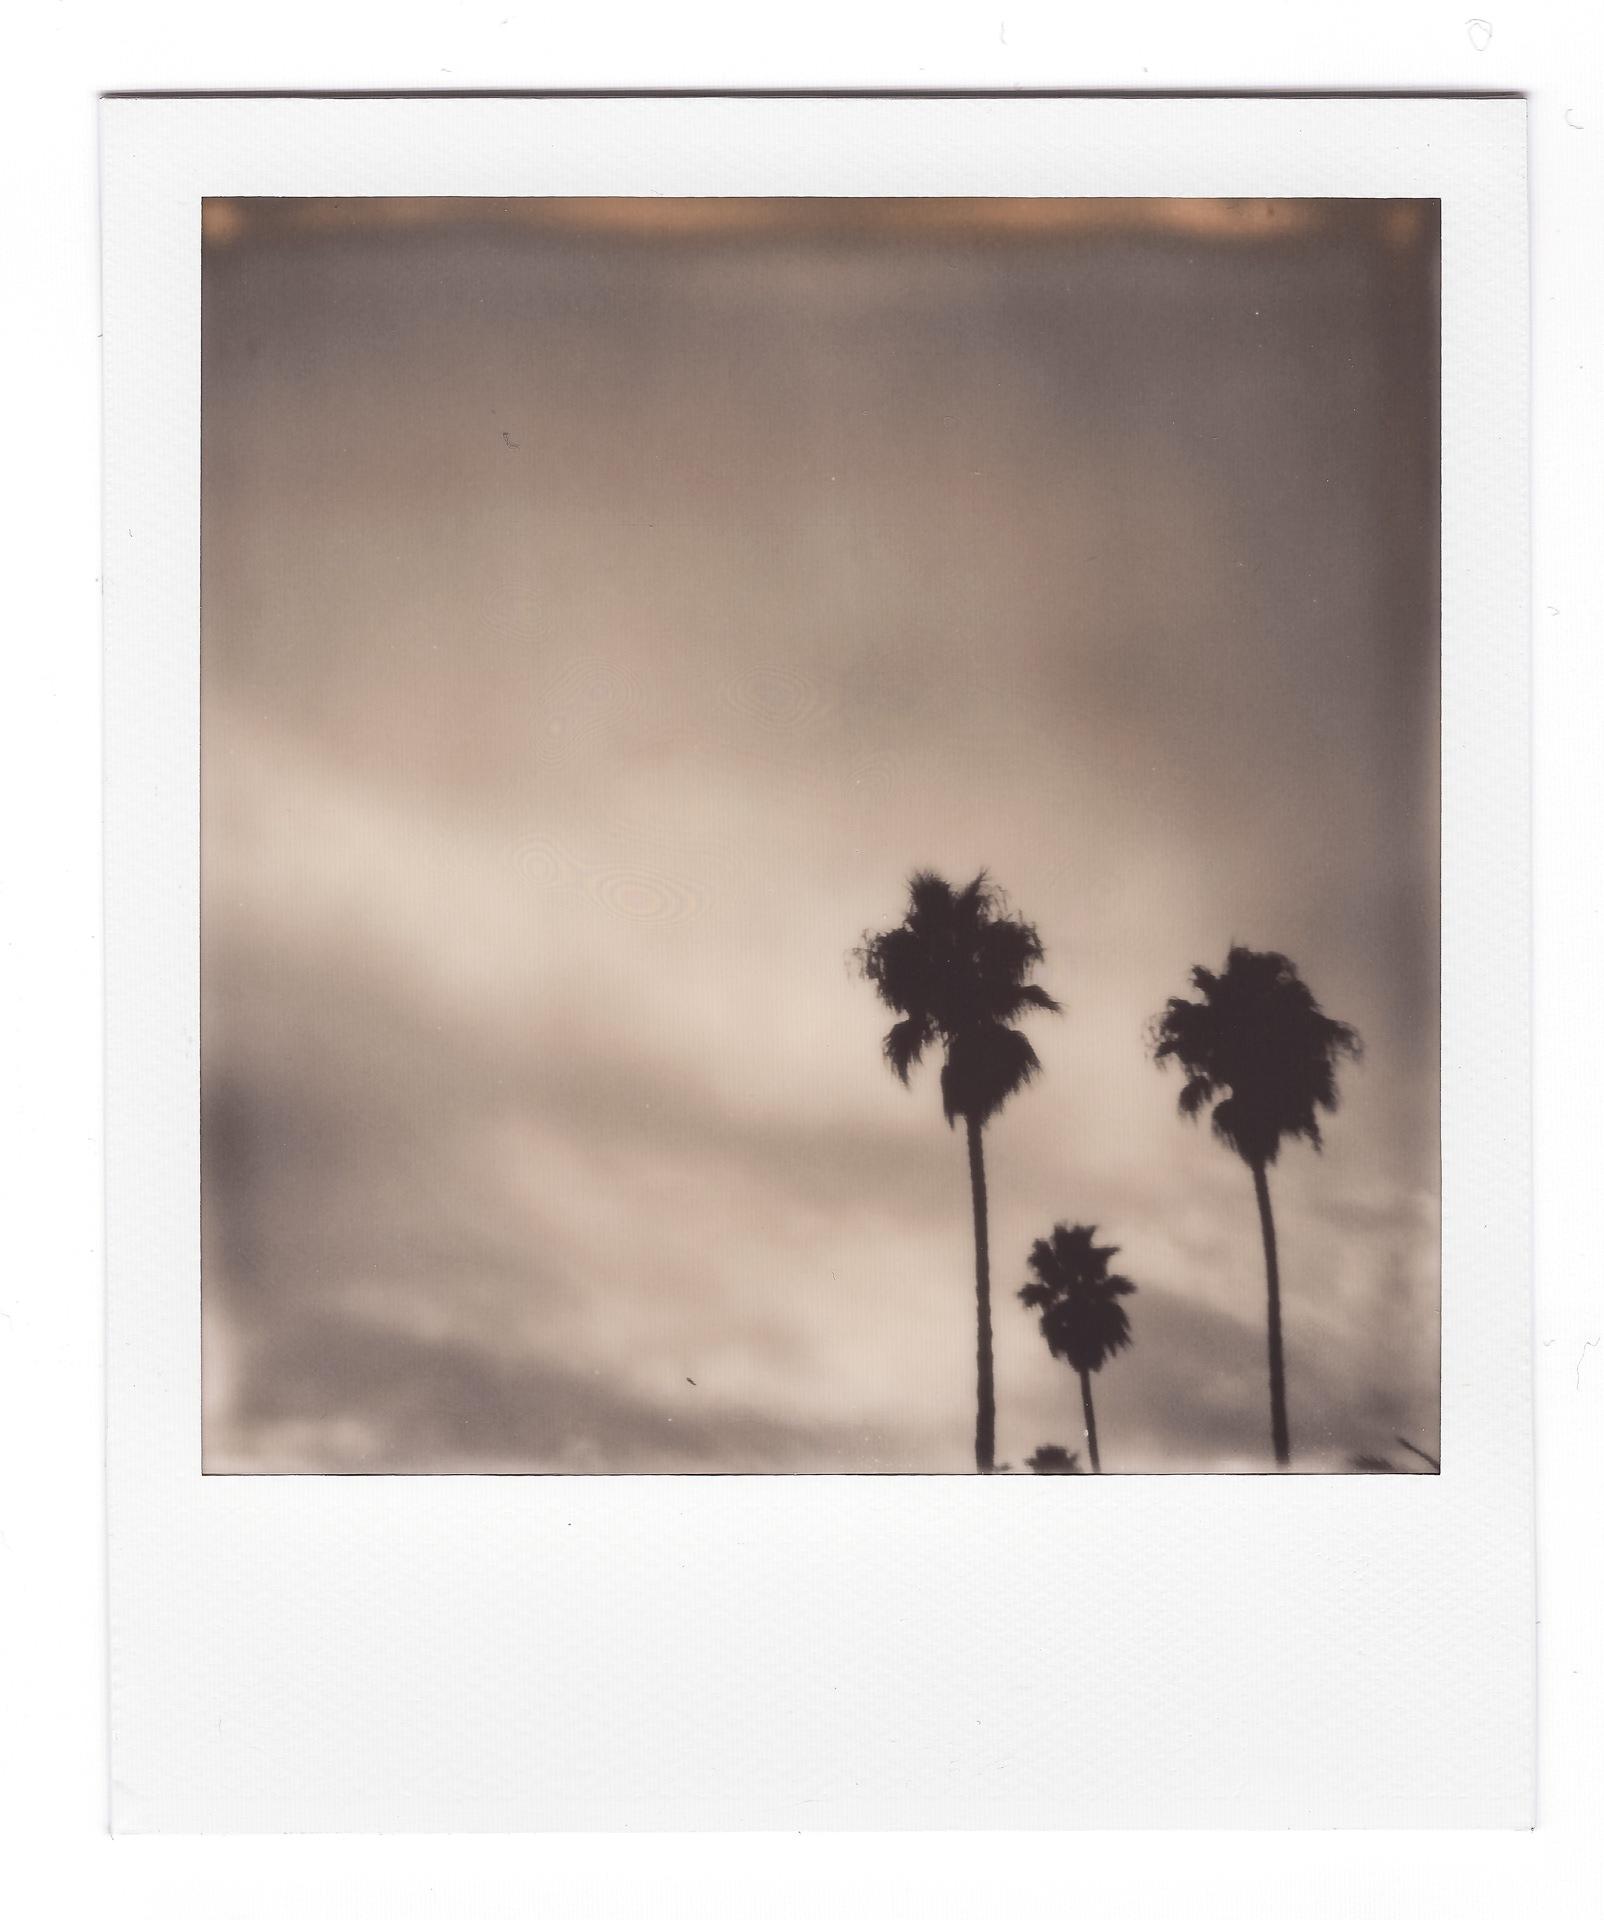 Ein Polaroid von ein paar Palmen vor einem Wolkenhimmel.